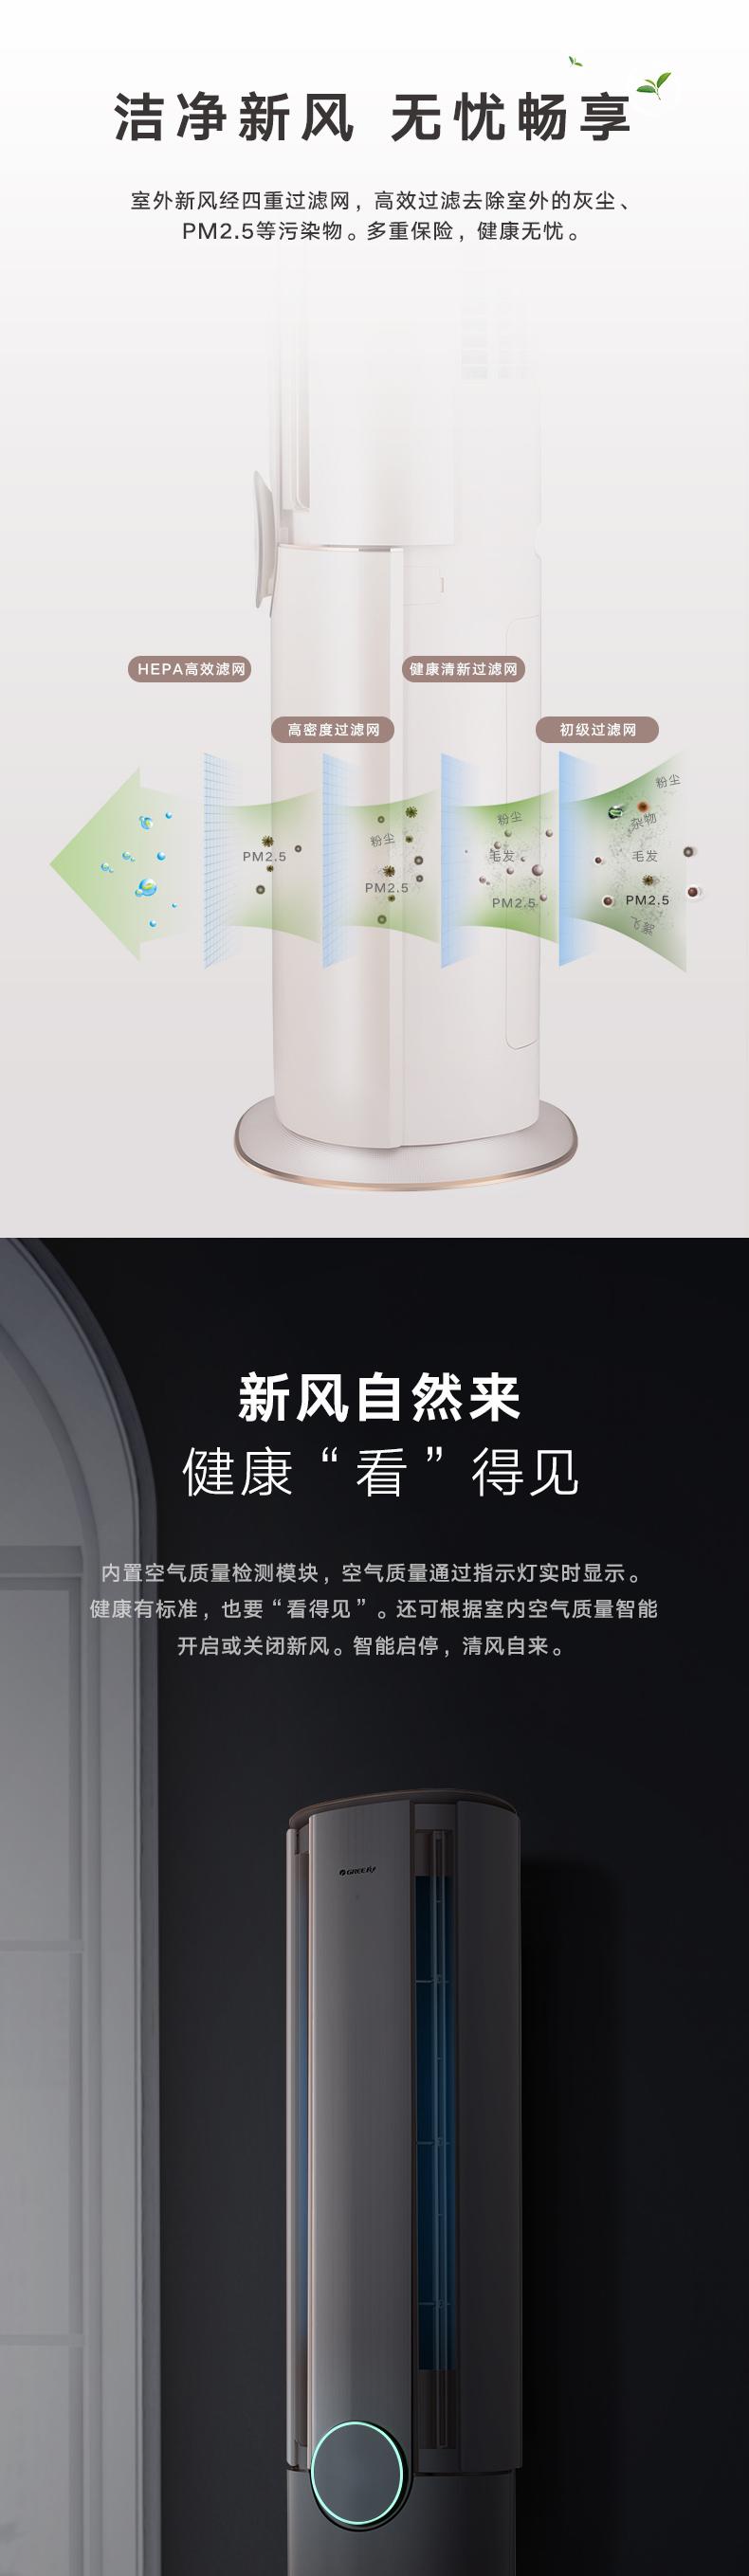 烟台格力空调50LW 臻新风挂机 KFR-50LW/(50582)FNhCa-B1(图4)